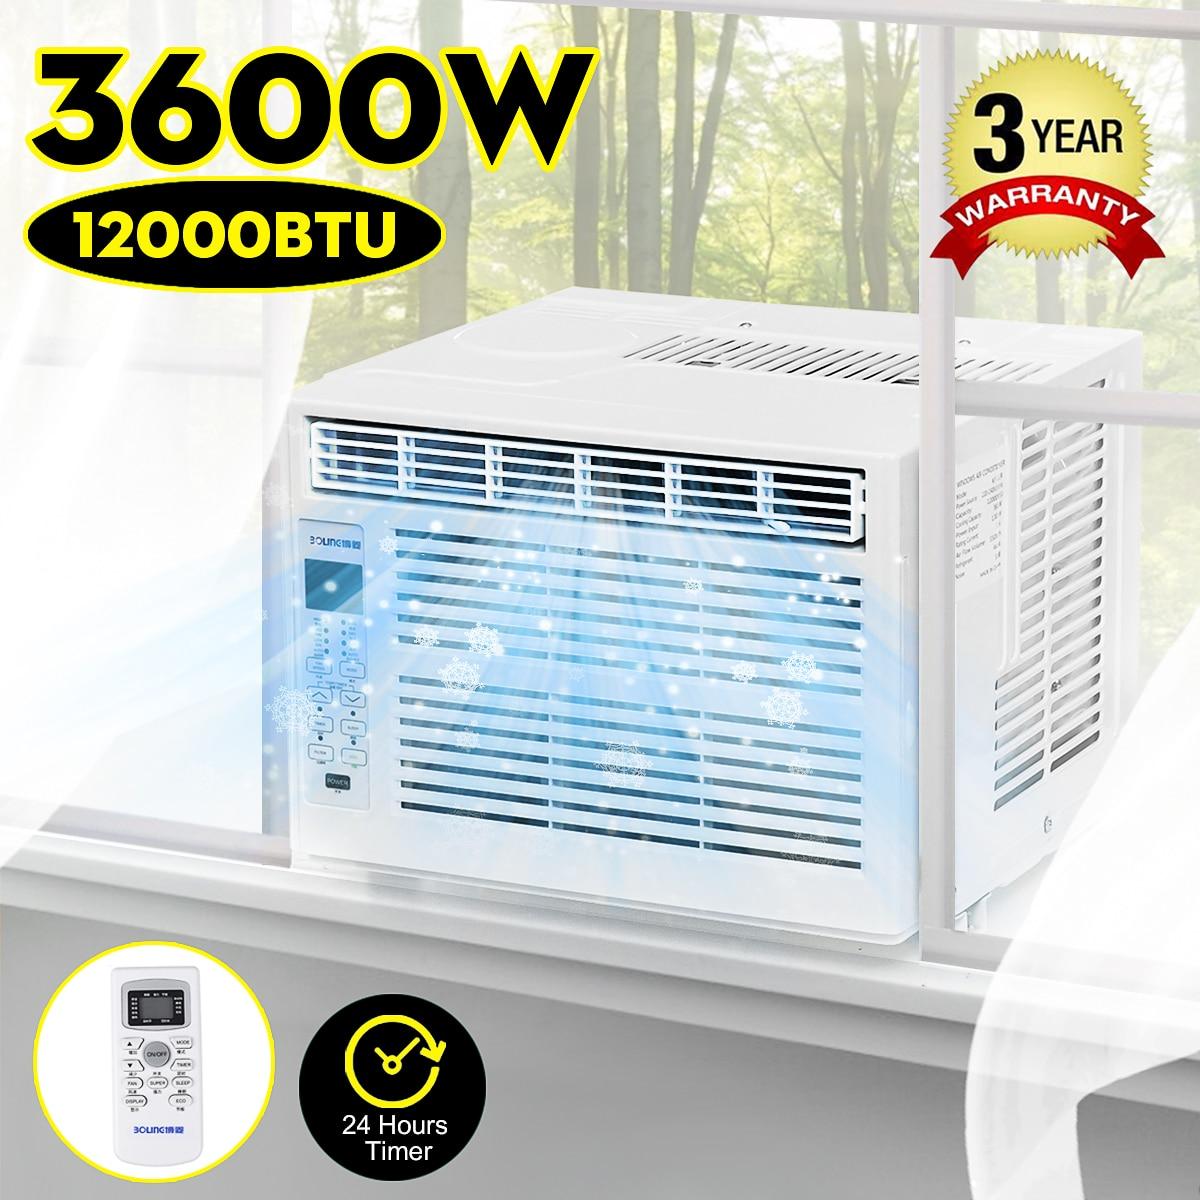 3600 W bureau climatiseur 24 heures minuterie froid avec télécommande LED panneau de commande 12000BTU Pet climatiseur AC220-240V